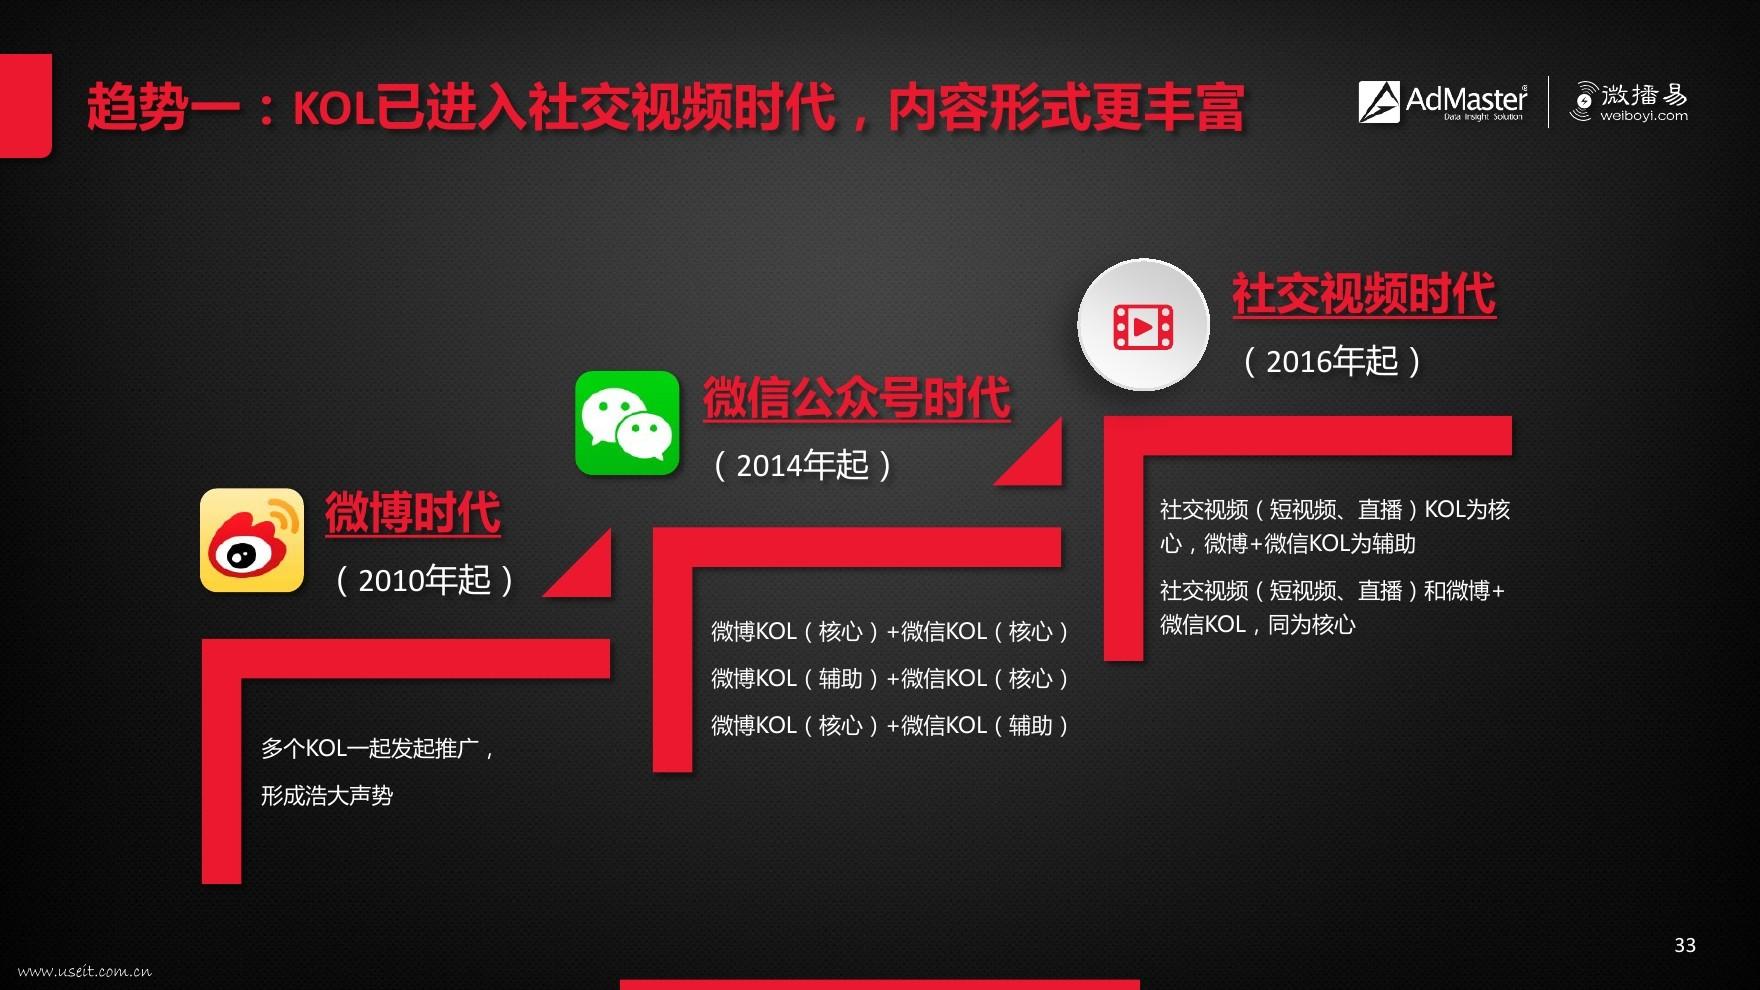 微信kol大号_奢华品牌的kol 转化率怎么监测_kol营销